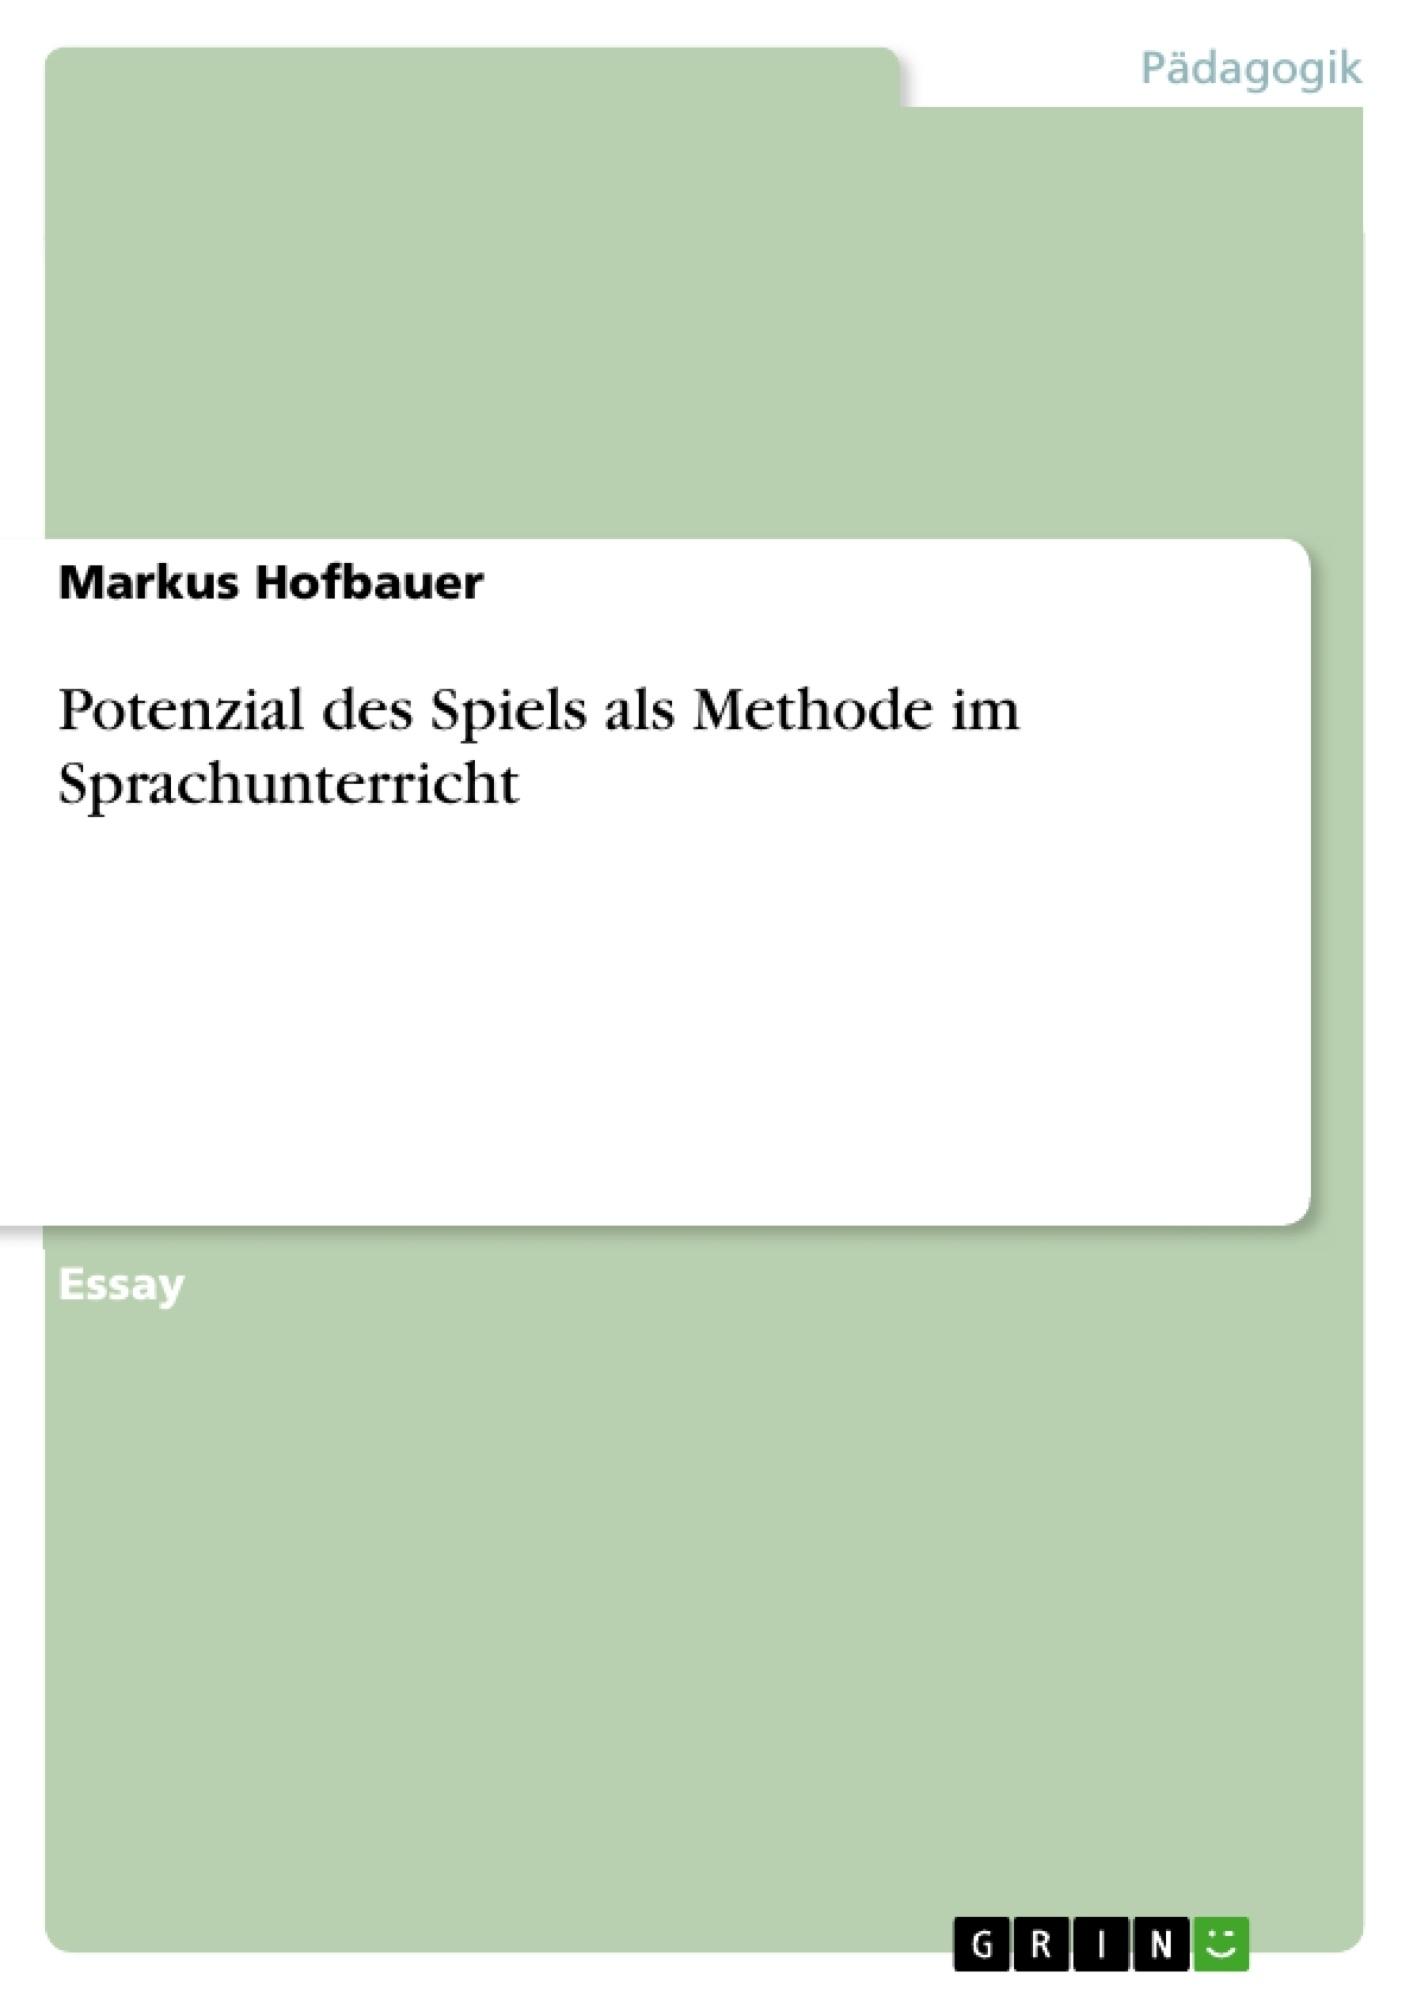 Titel: Potenzial des Spiels als Methode im Sprachunterricht